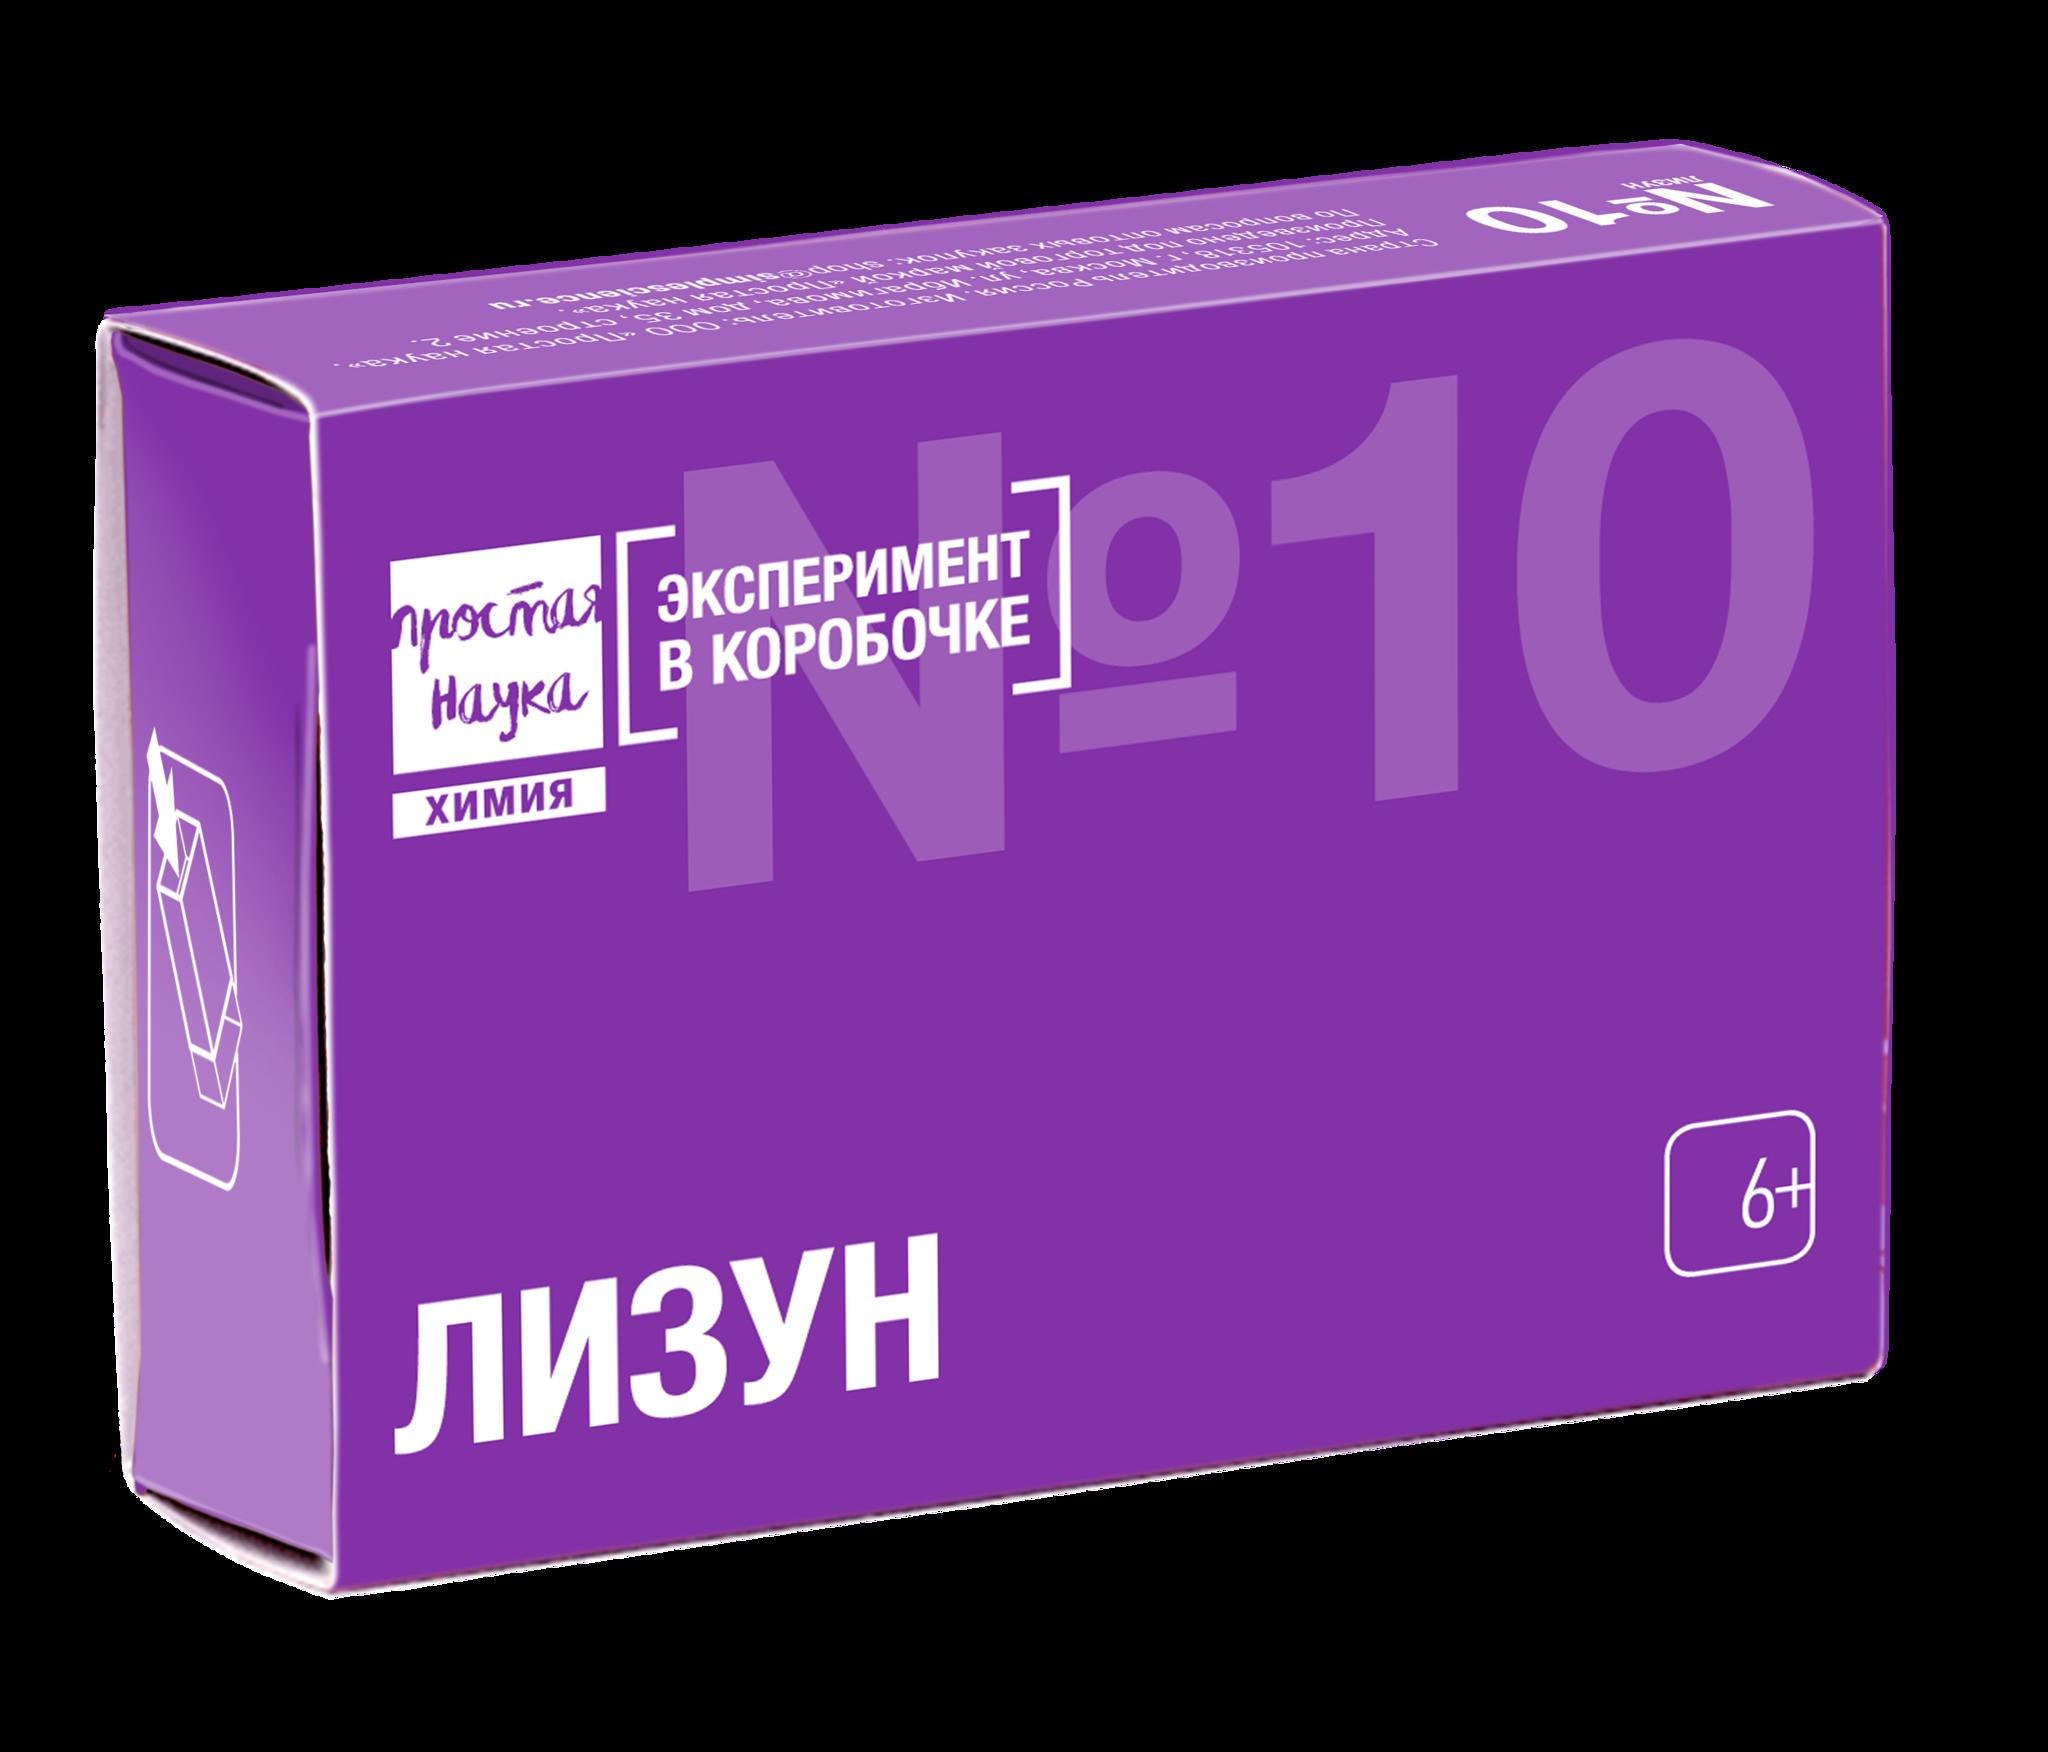 Набор №10 - Лизун - Эксперимент в коробочке - Простая Наука